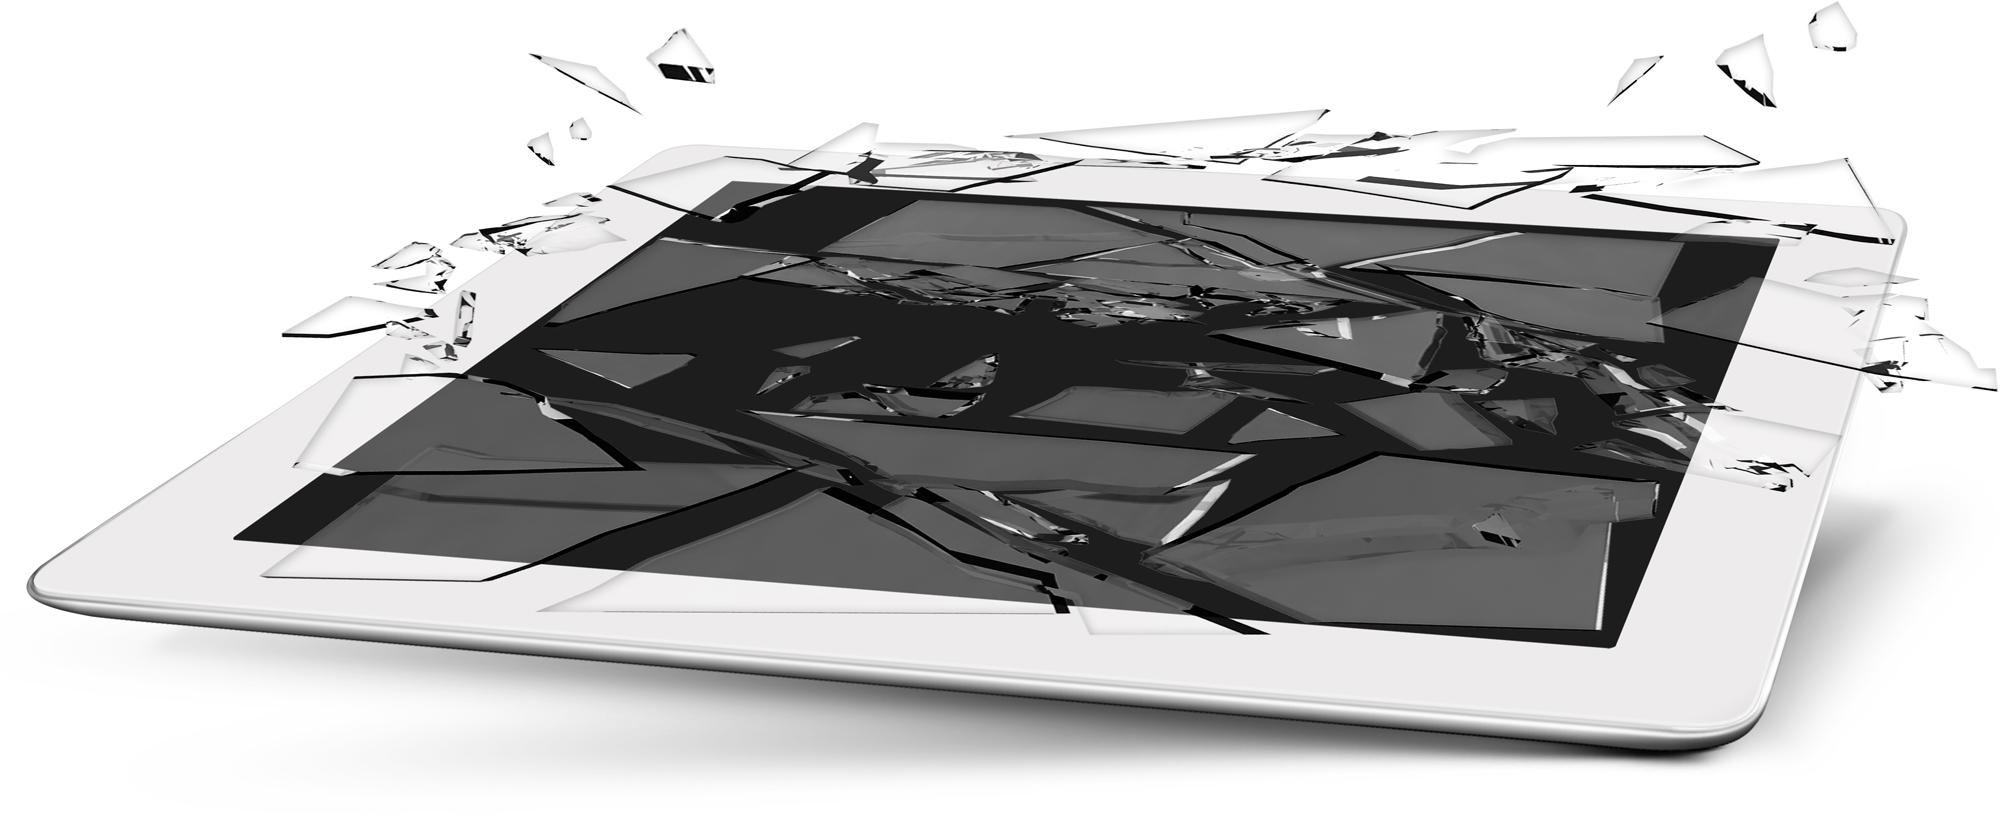 iPad com a tela quebrada